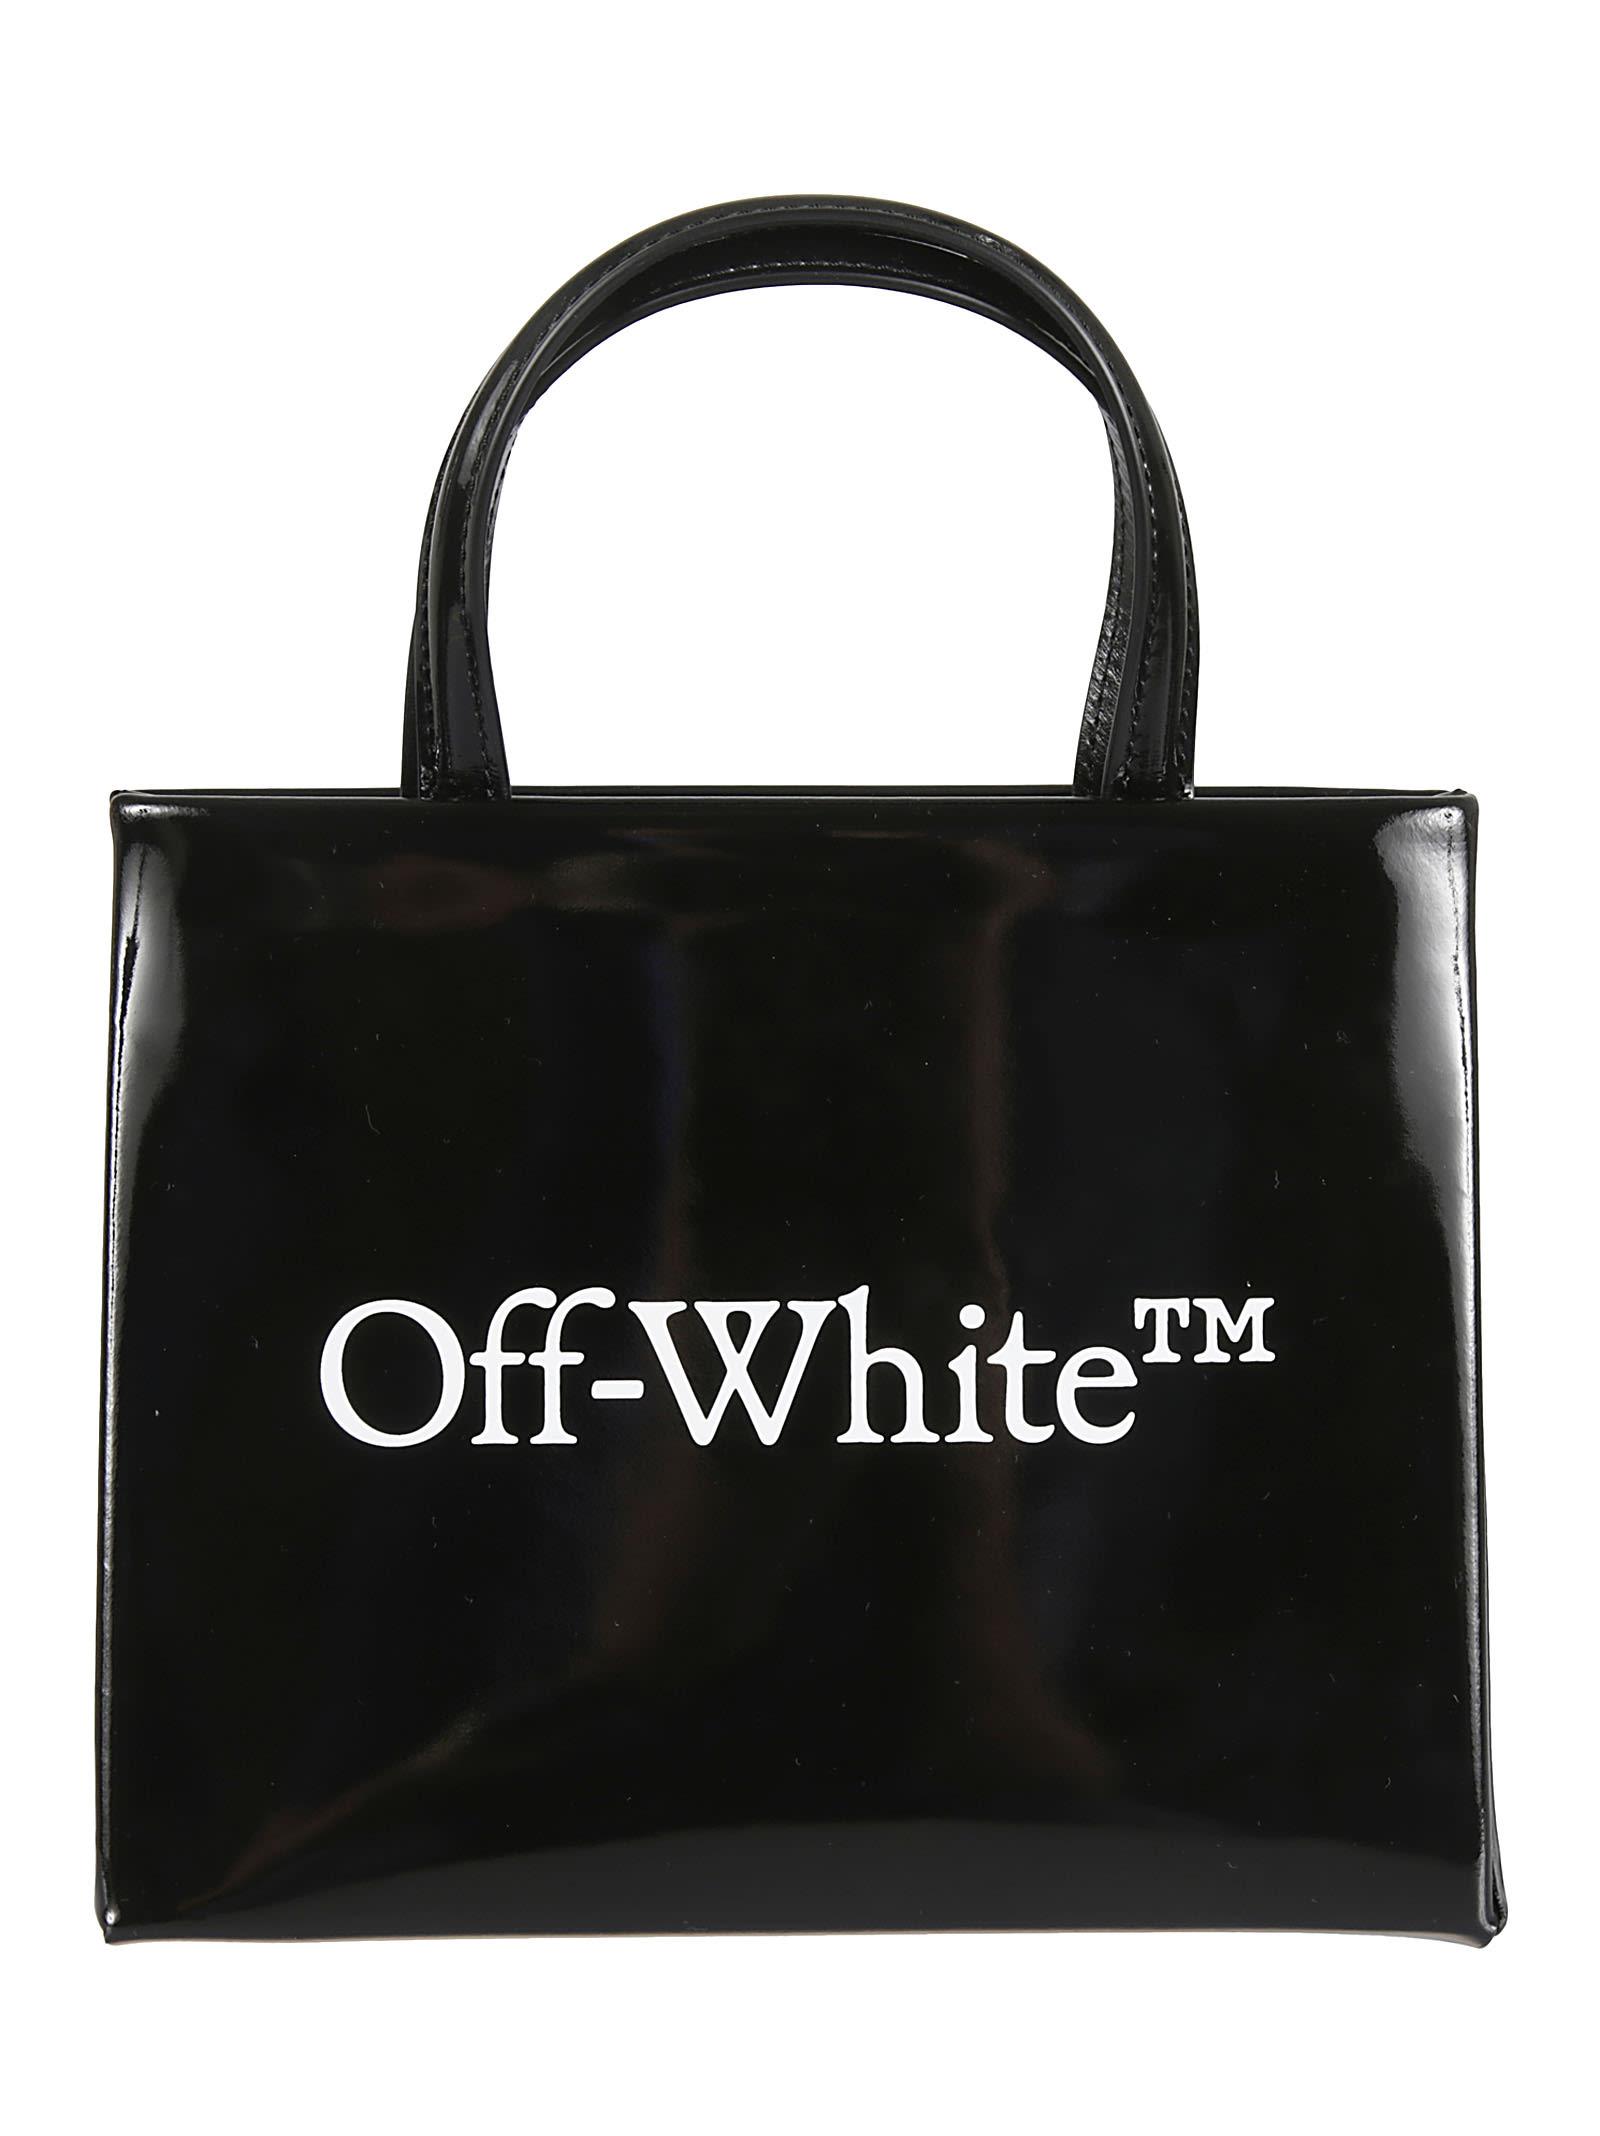 OFF-WHITE LEATHER MINI BOX TOTE